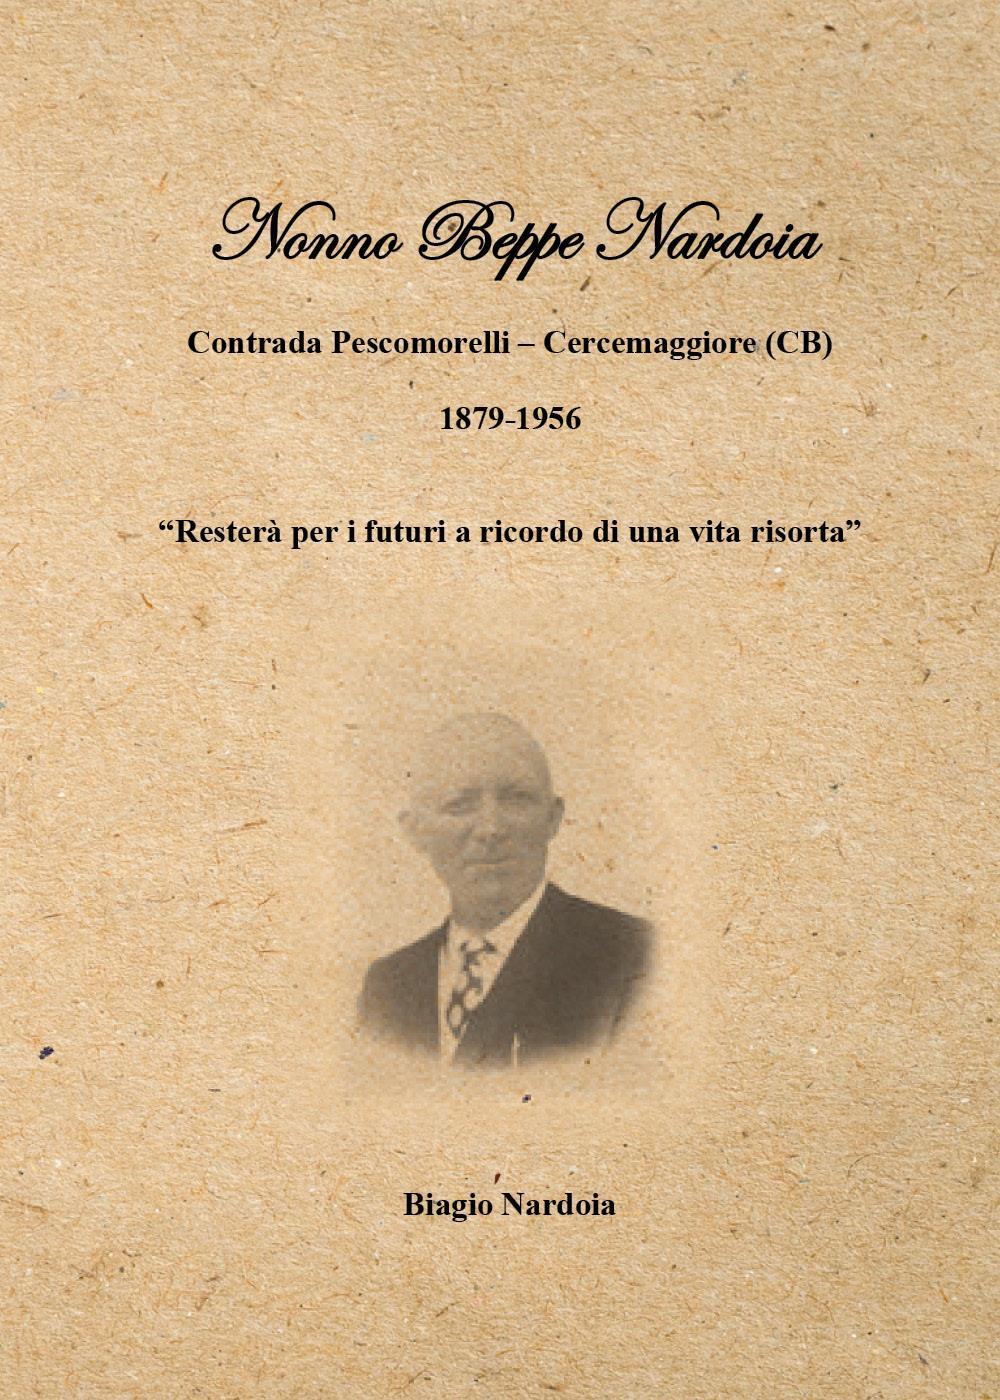 Nonno Beppe